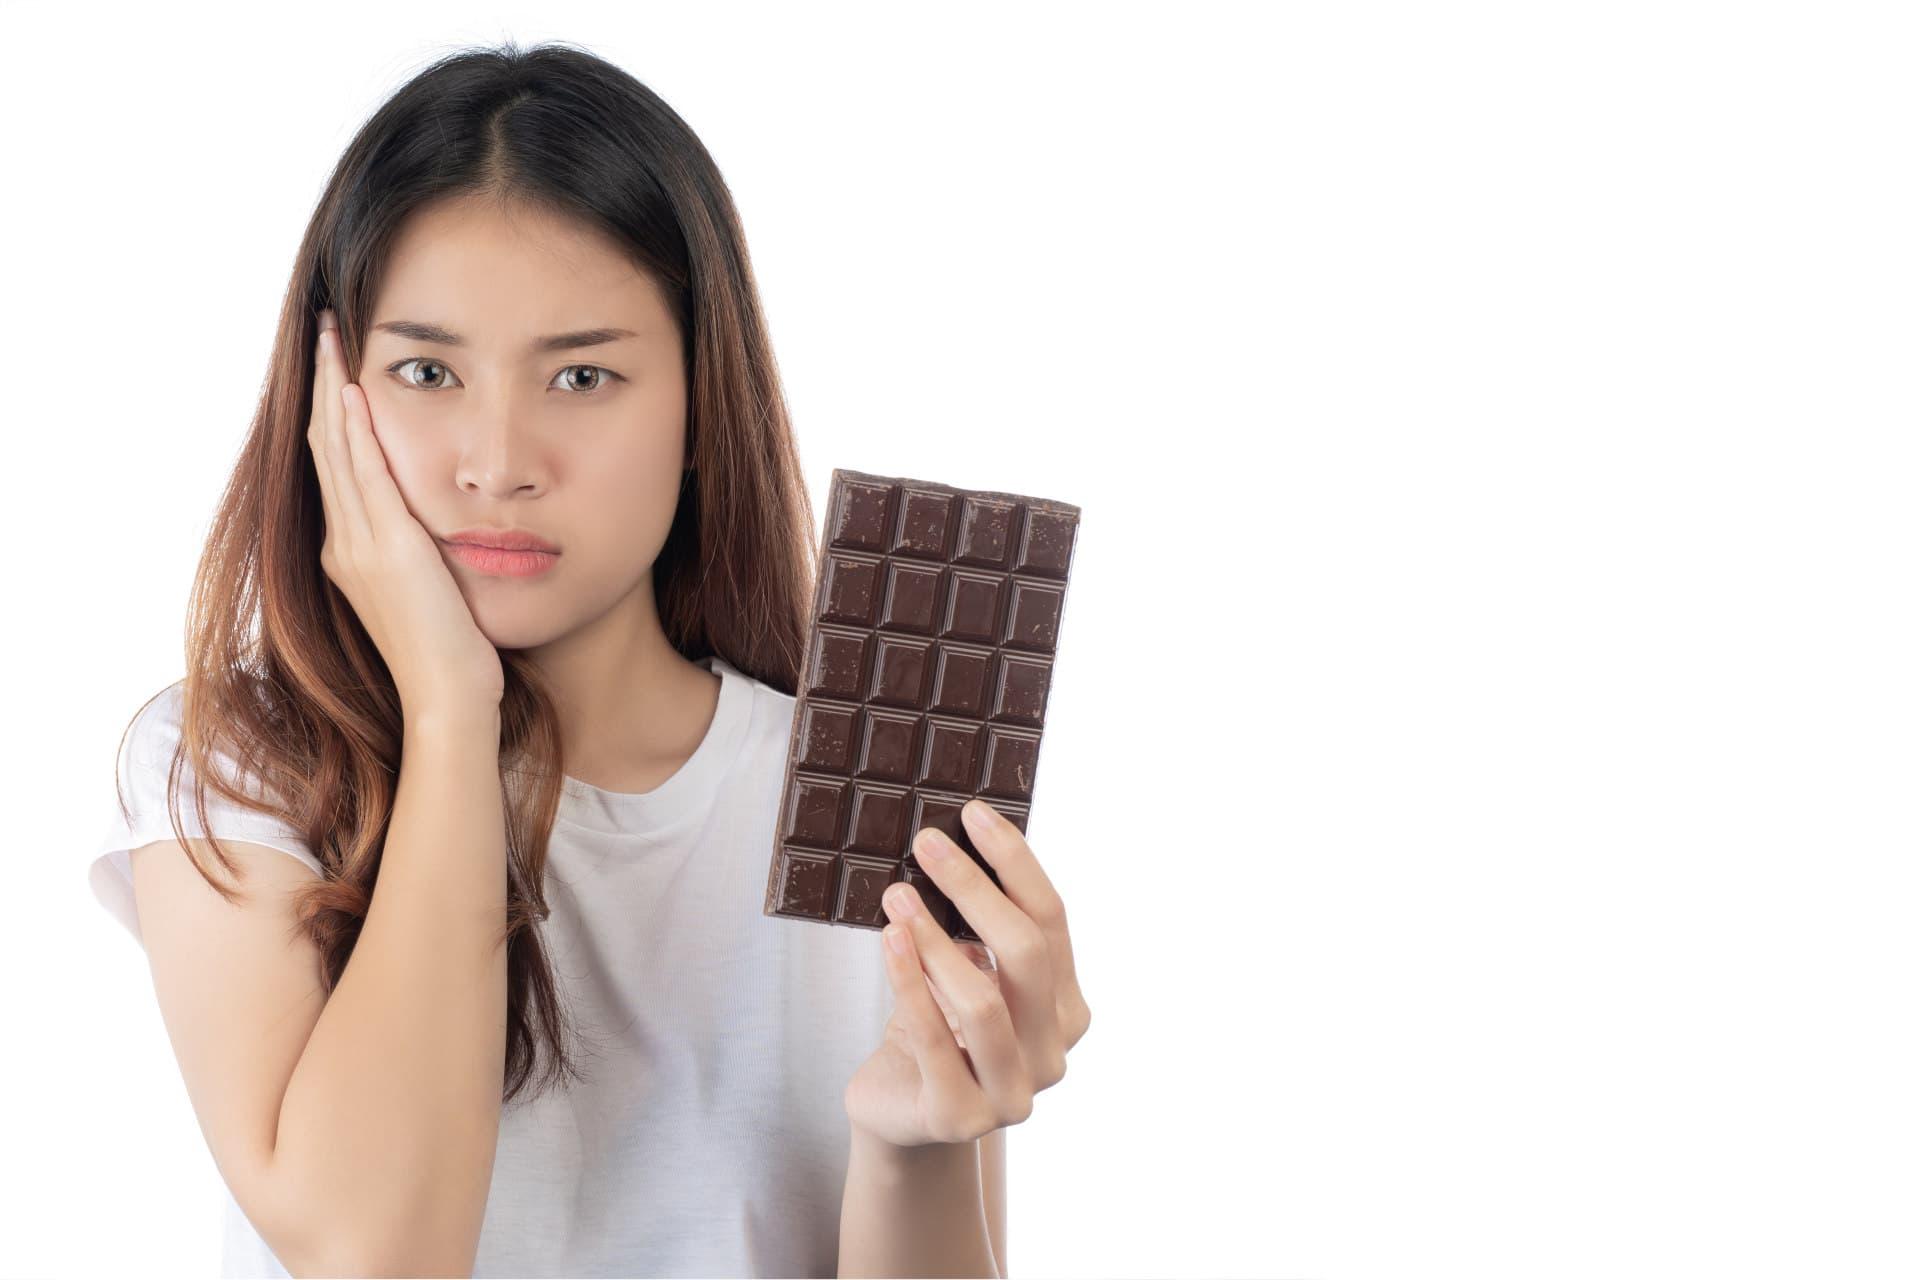 Храни-за-здрави-зъби-Дентална-клиника-Imprassion-Dent-София-захарни-изделия